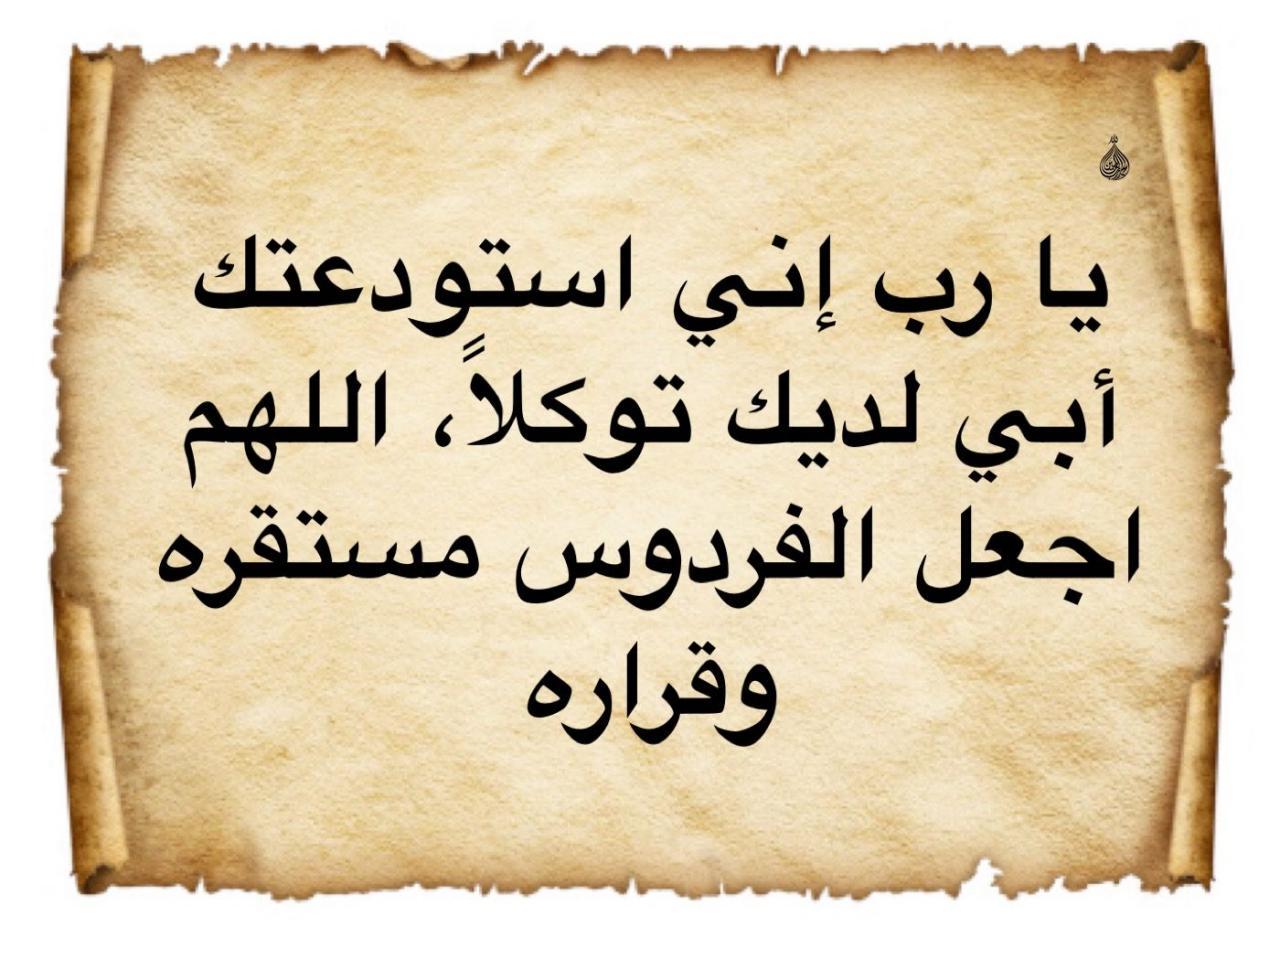 صورة دعاء للميت يوم الجمعة , افضل ادعية للمتوفي يوم الجمعة